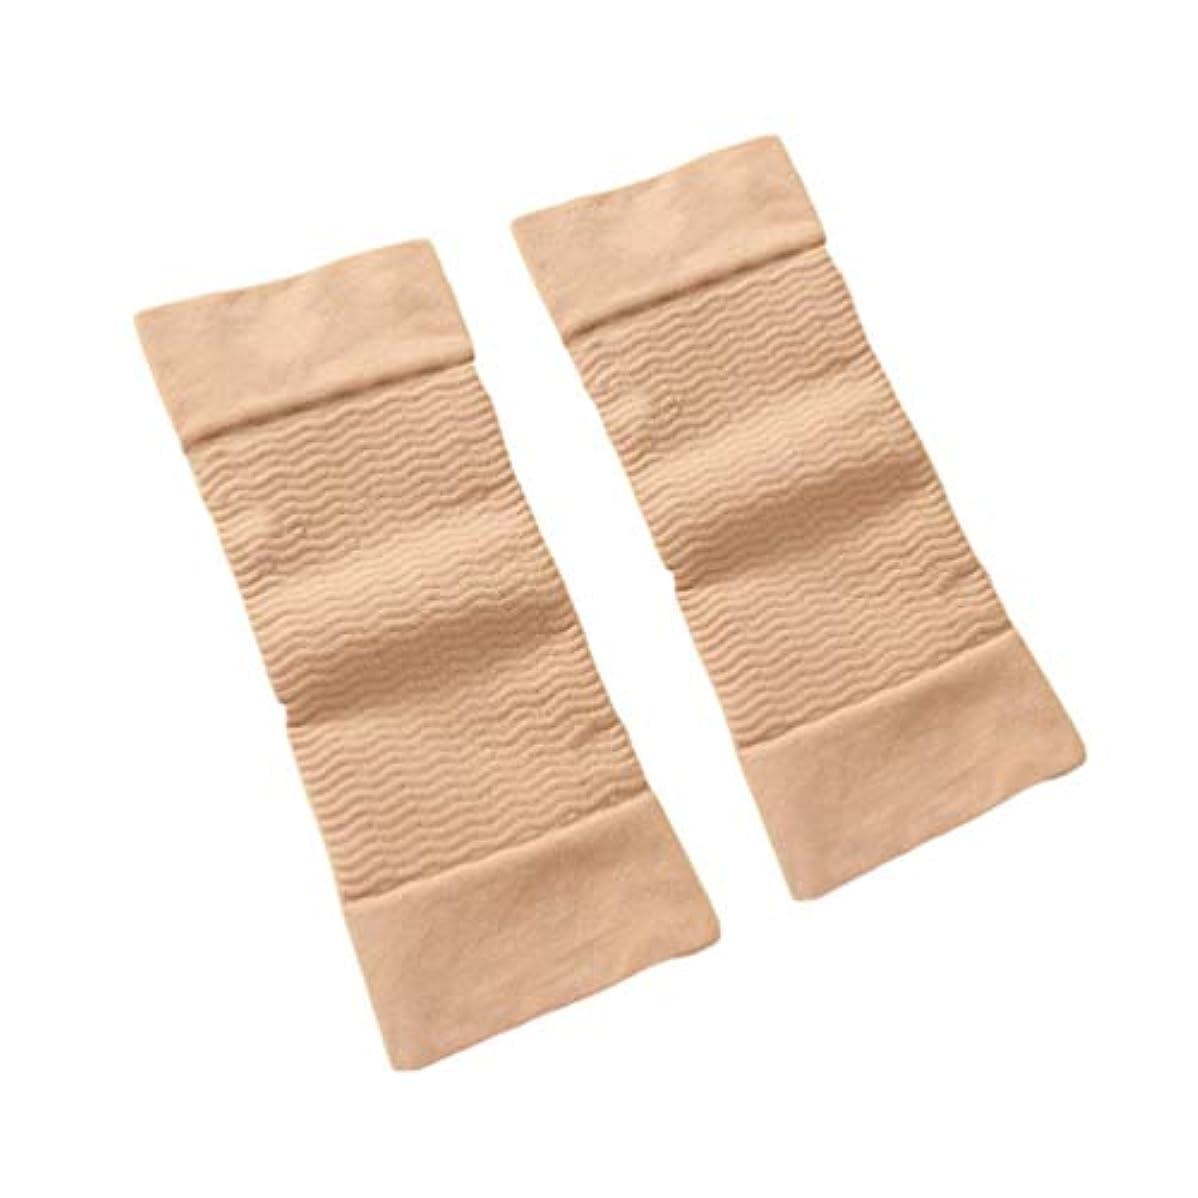 論争的謎めいたするだろう1ペア420 D圧縮痩身アームスリーブワークアウトトーニングバーンセルライトシェイパー脂肪燃焼袖用女性 - 肌色